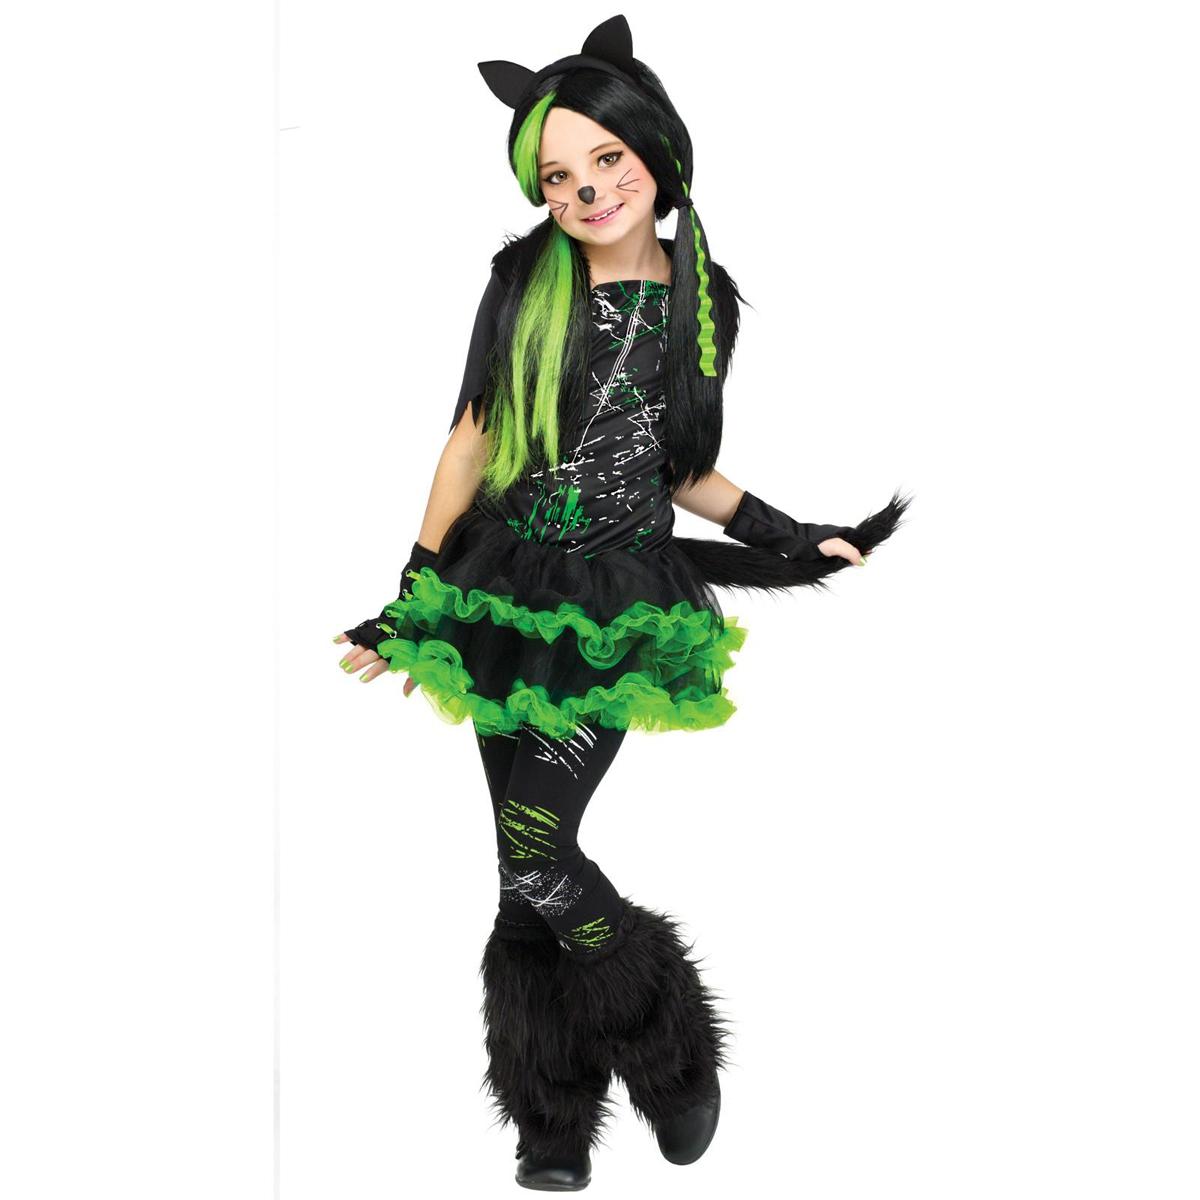 猫 ネコ コスプレ ハロウィン 衣装 クールキャット ミニドレス 子供用 女の子用 コスチューム